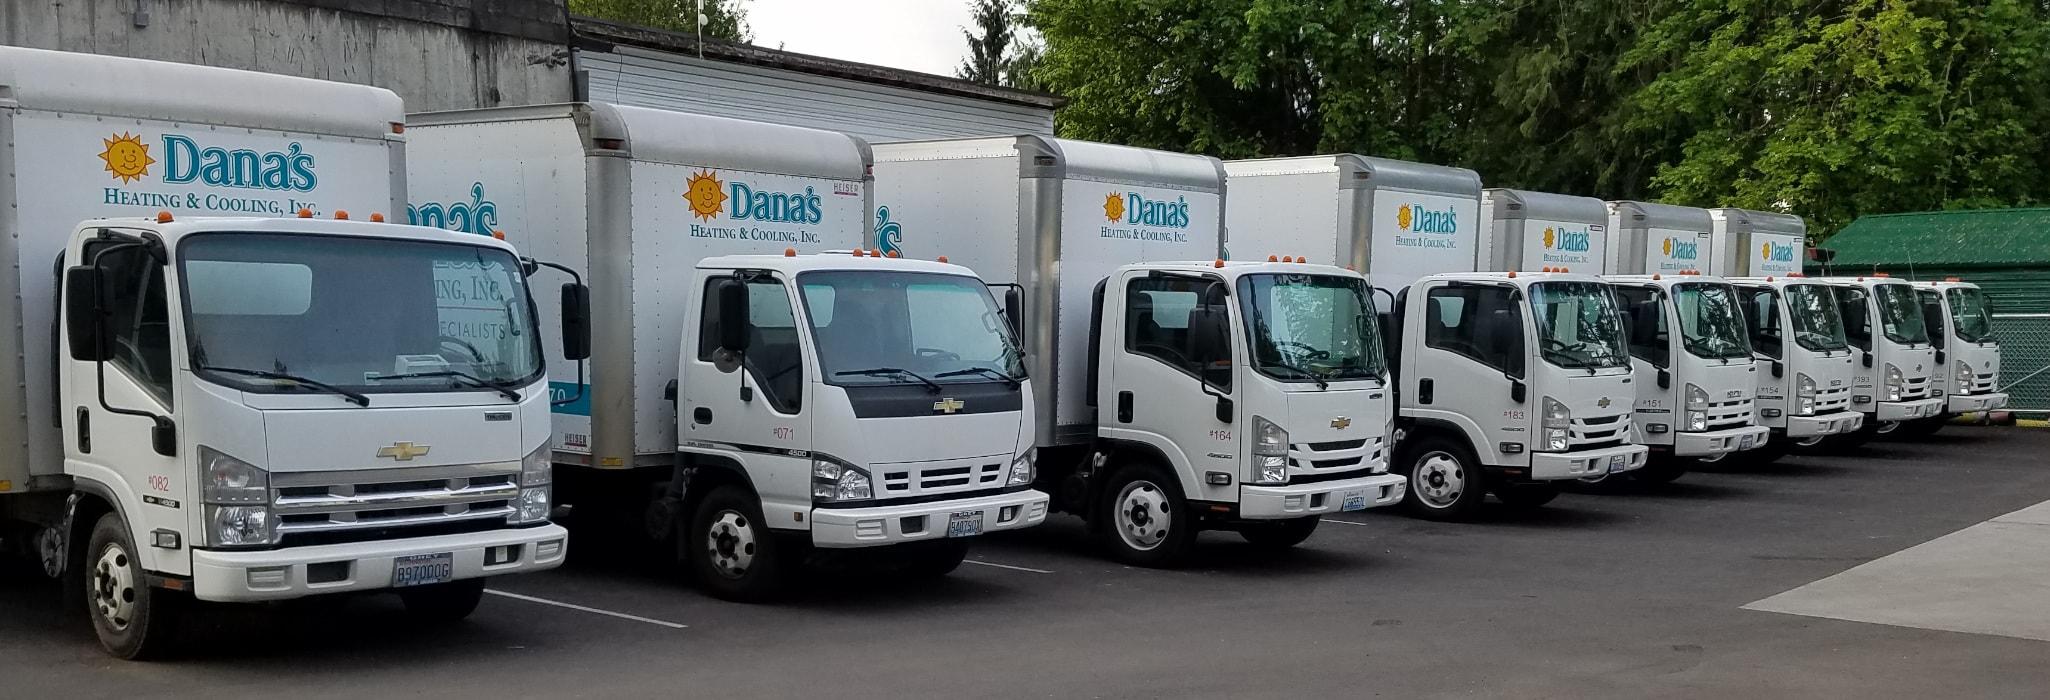 Dana's Trucks